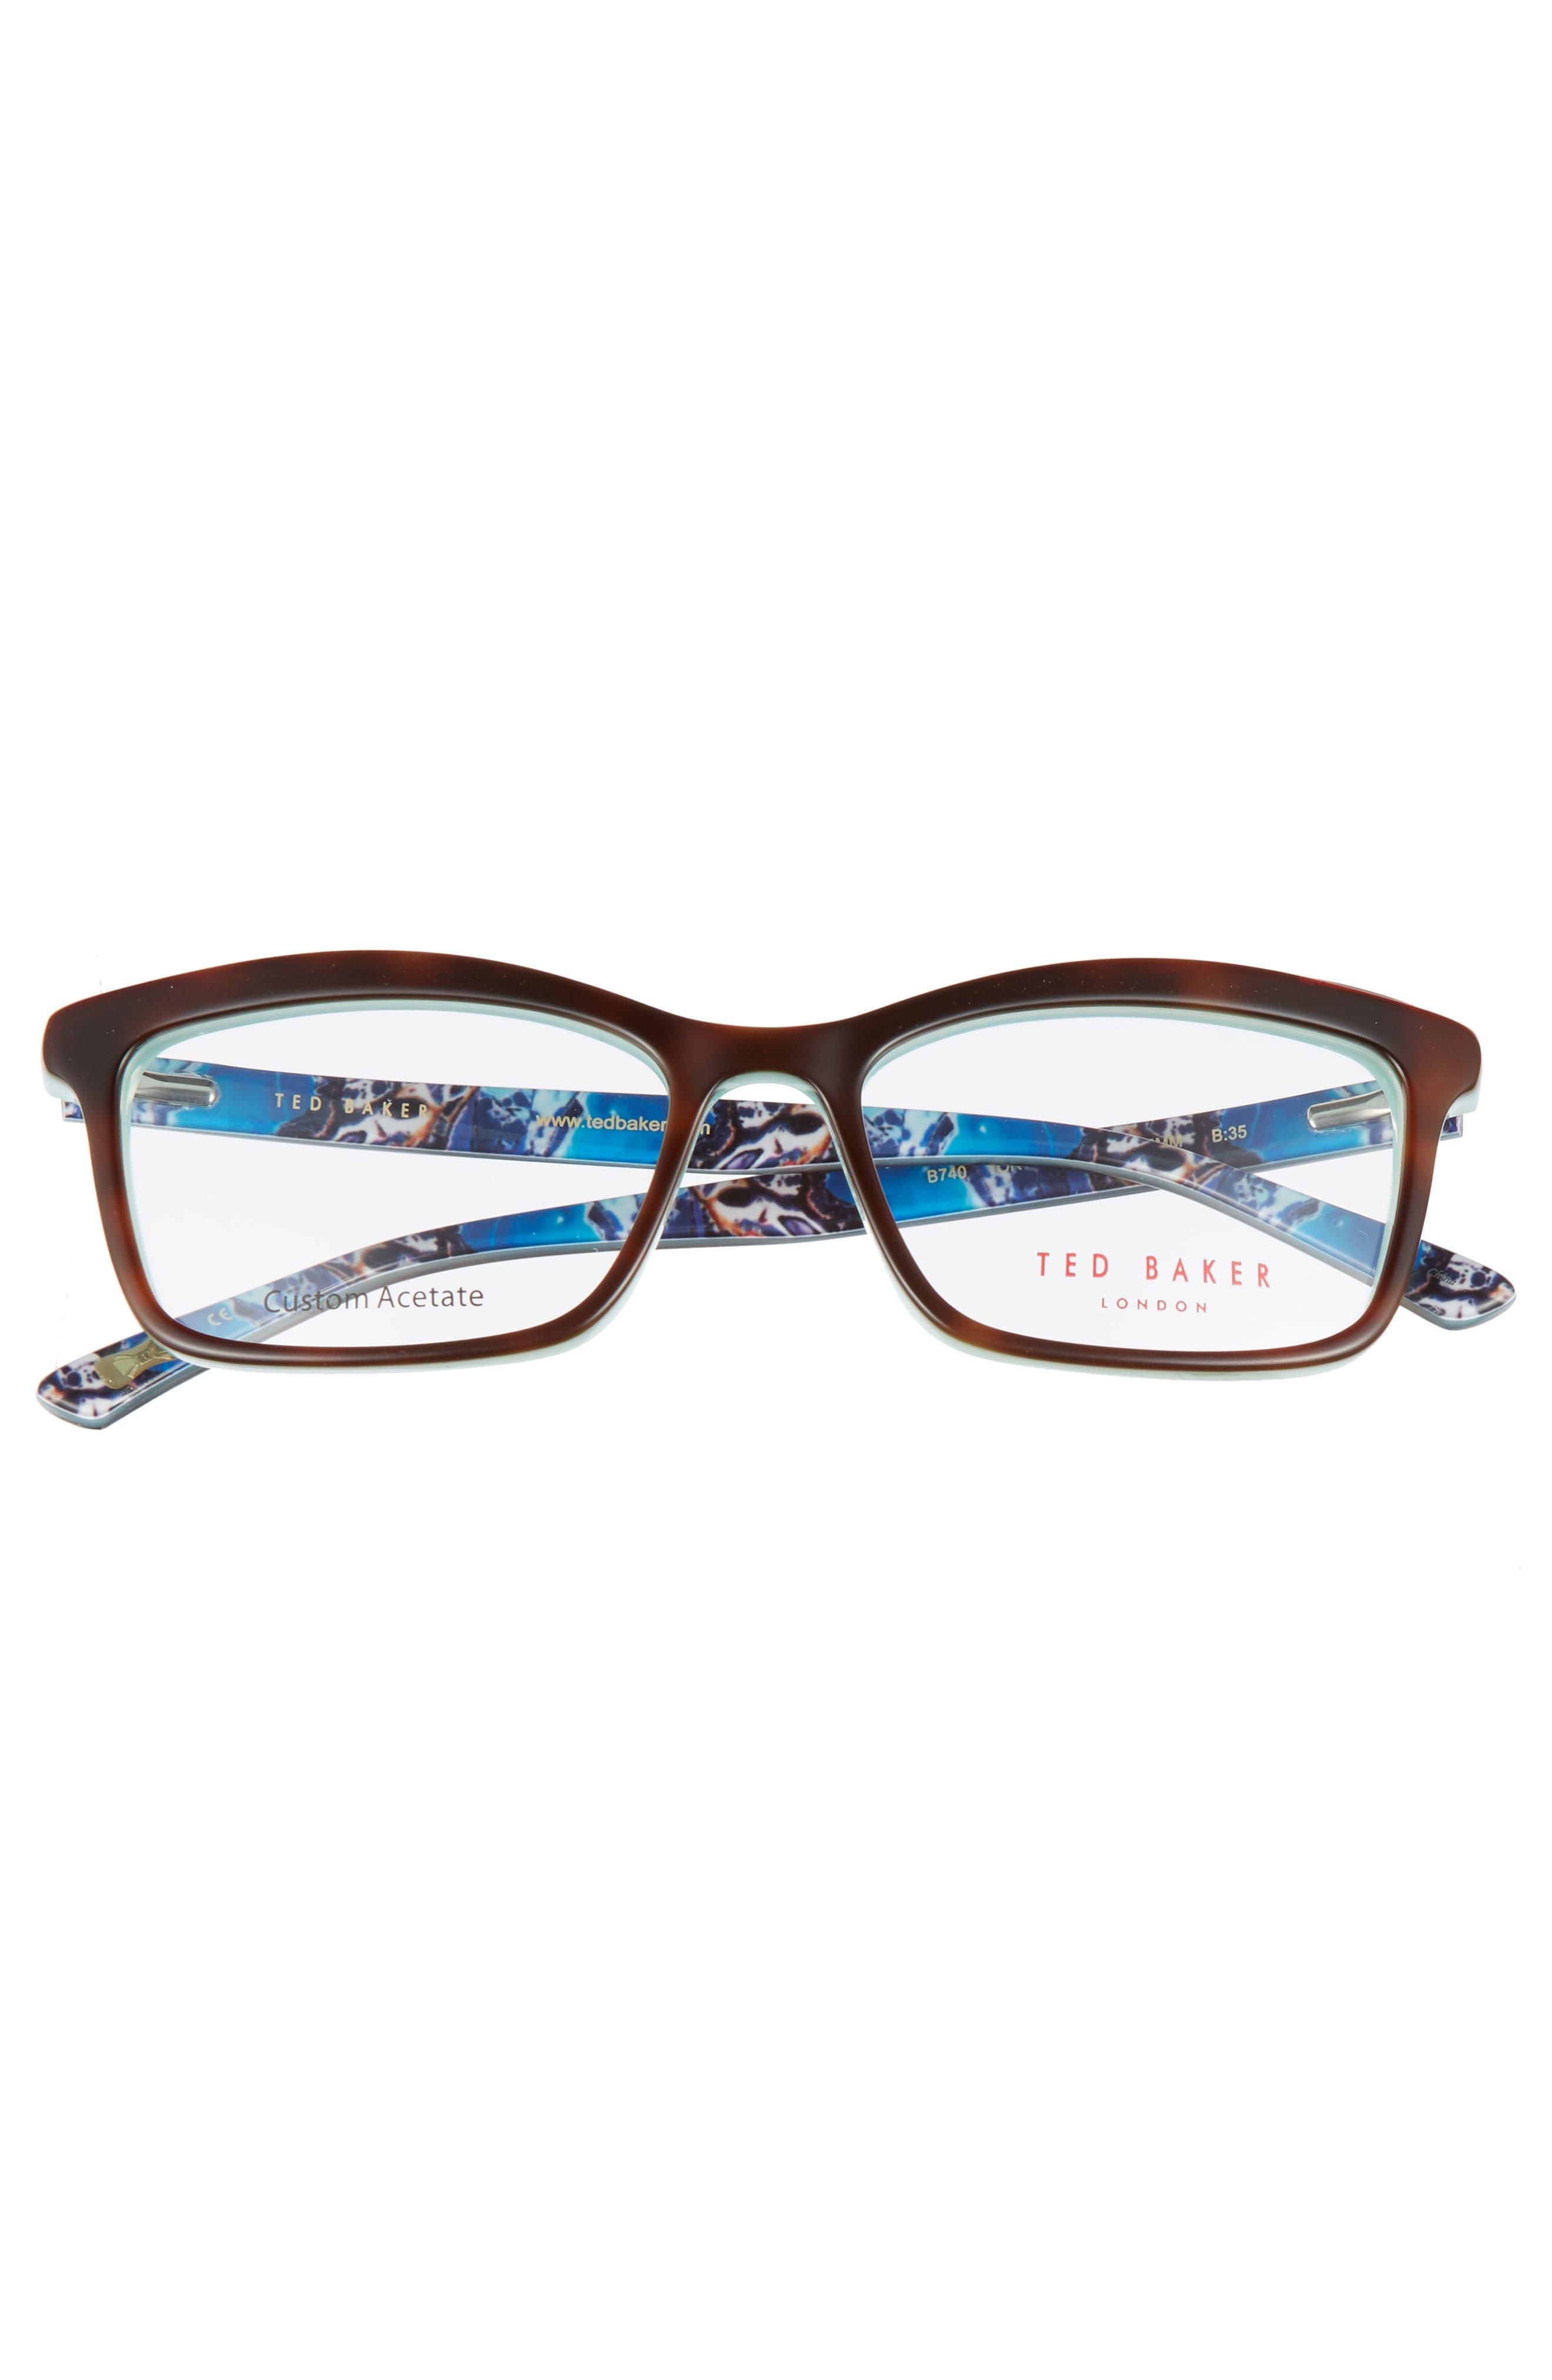 52mm Optical Glasses,                             Alternate thumbnail 3, color,                             Tortoise